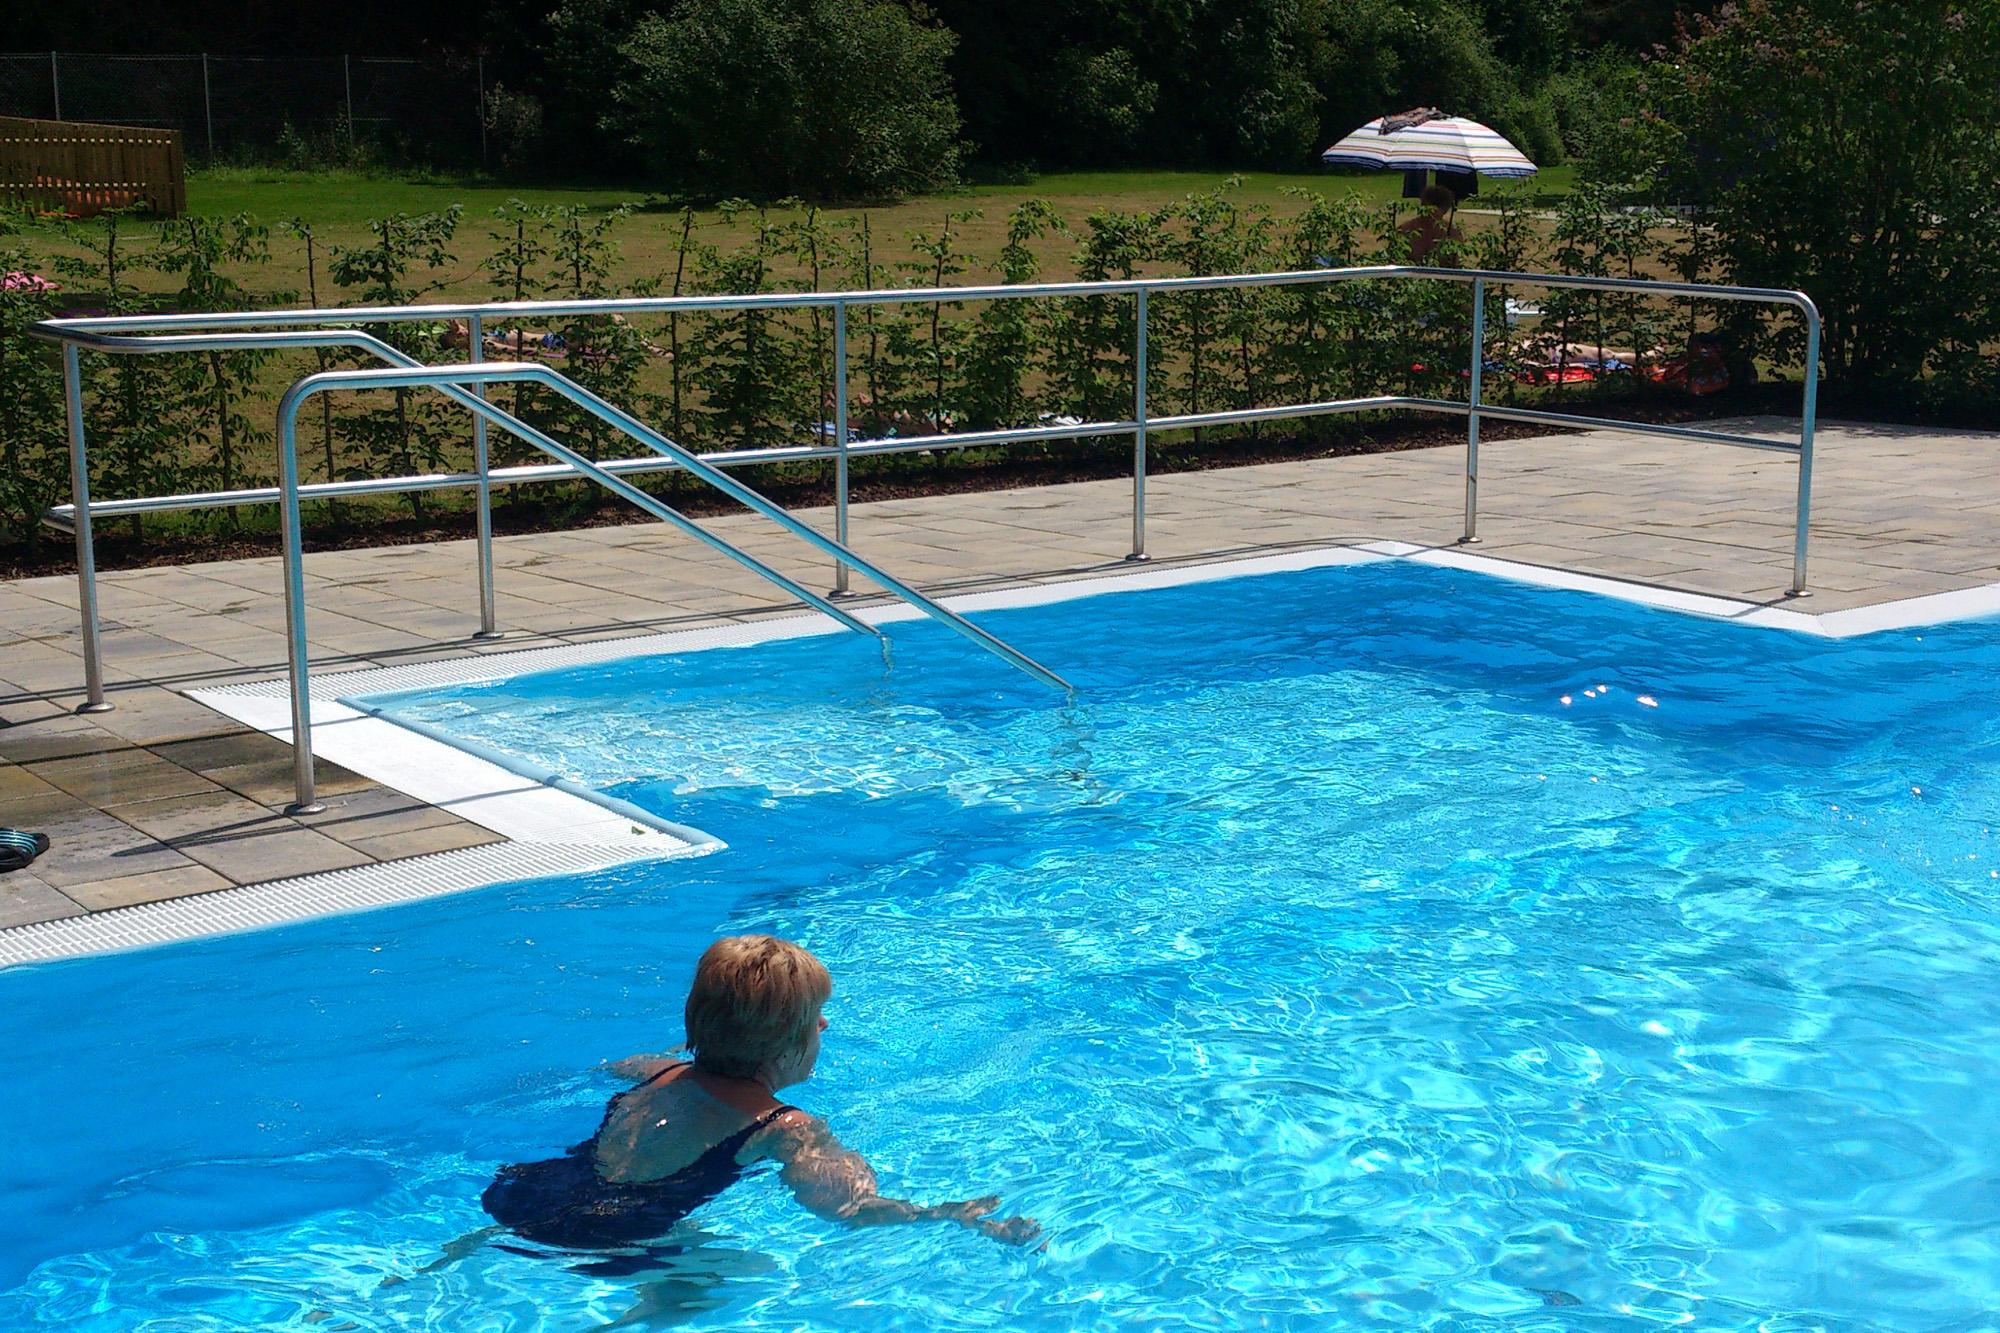 Treppennische jedoch für öffentliche Schwimmbäder